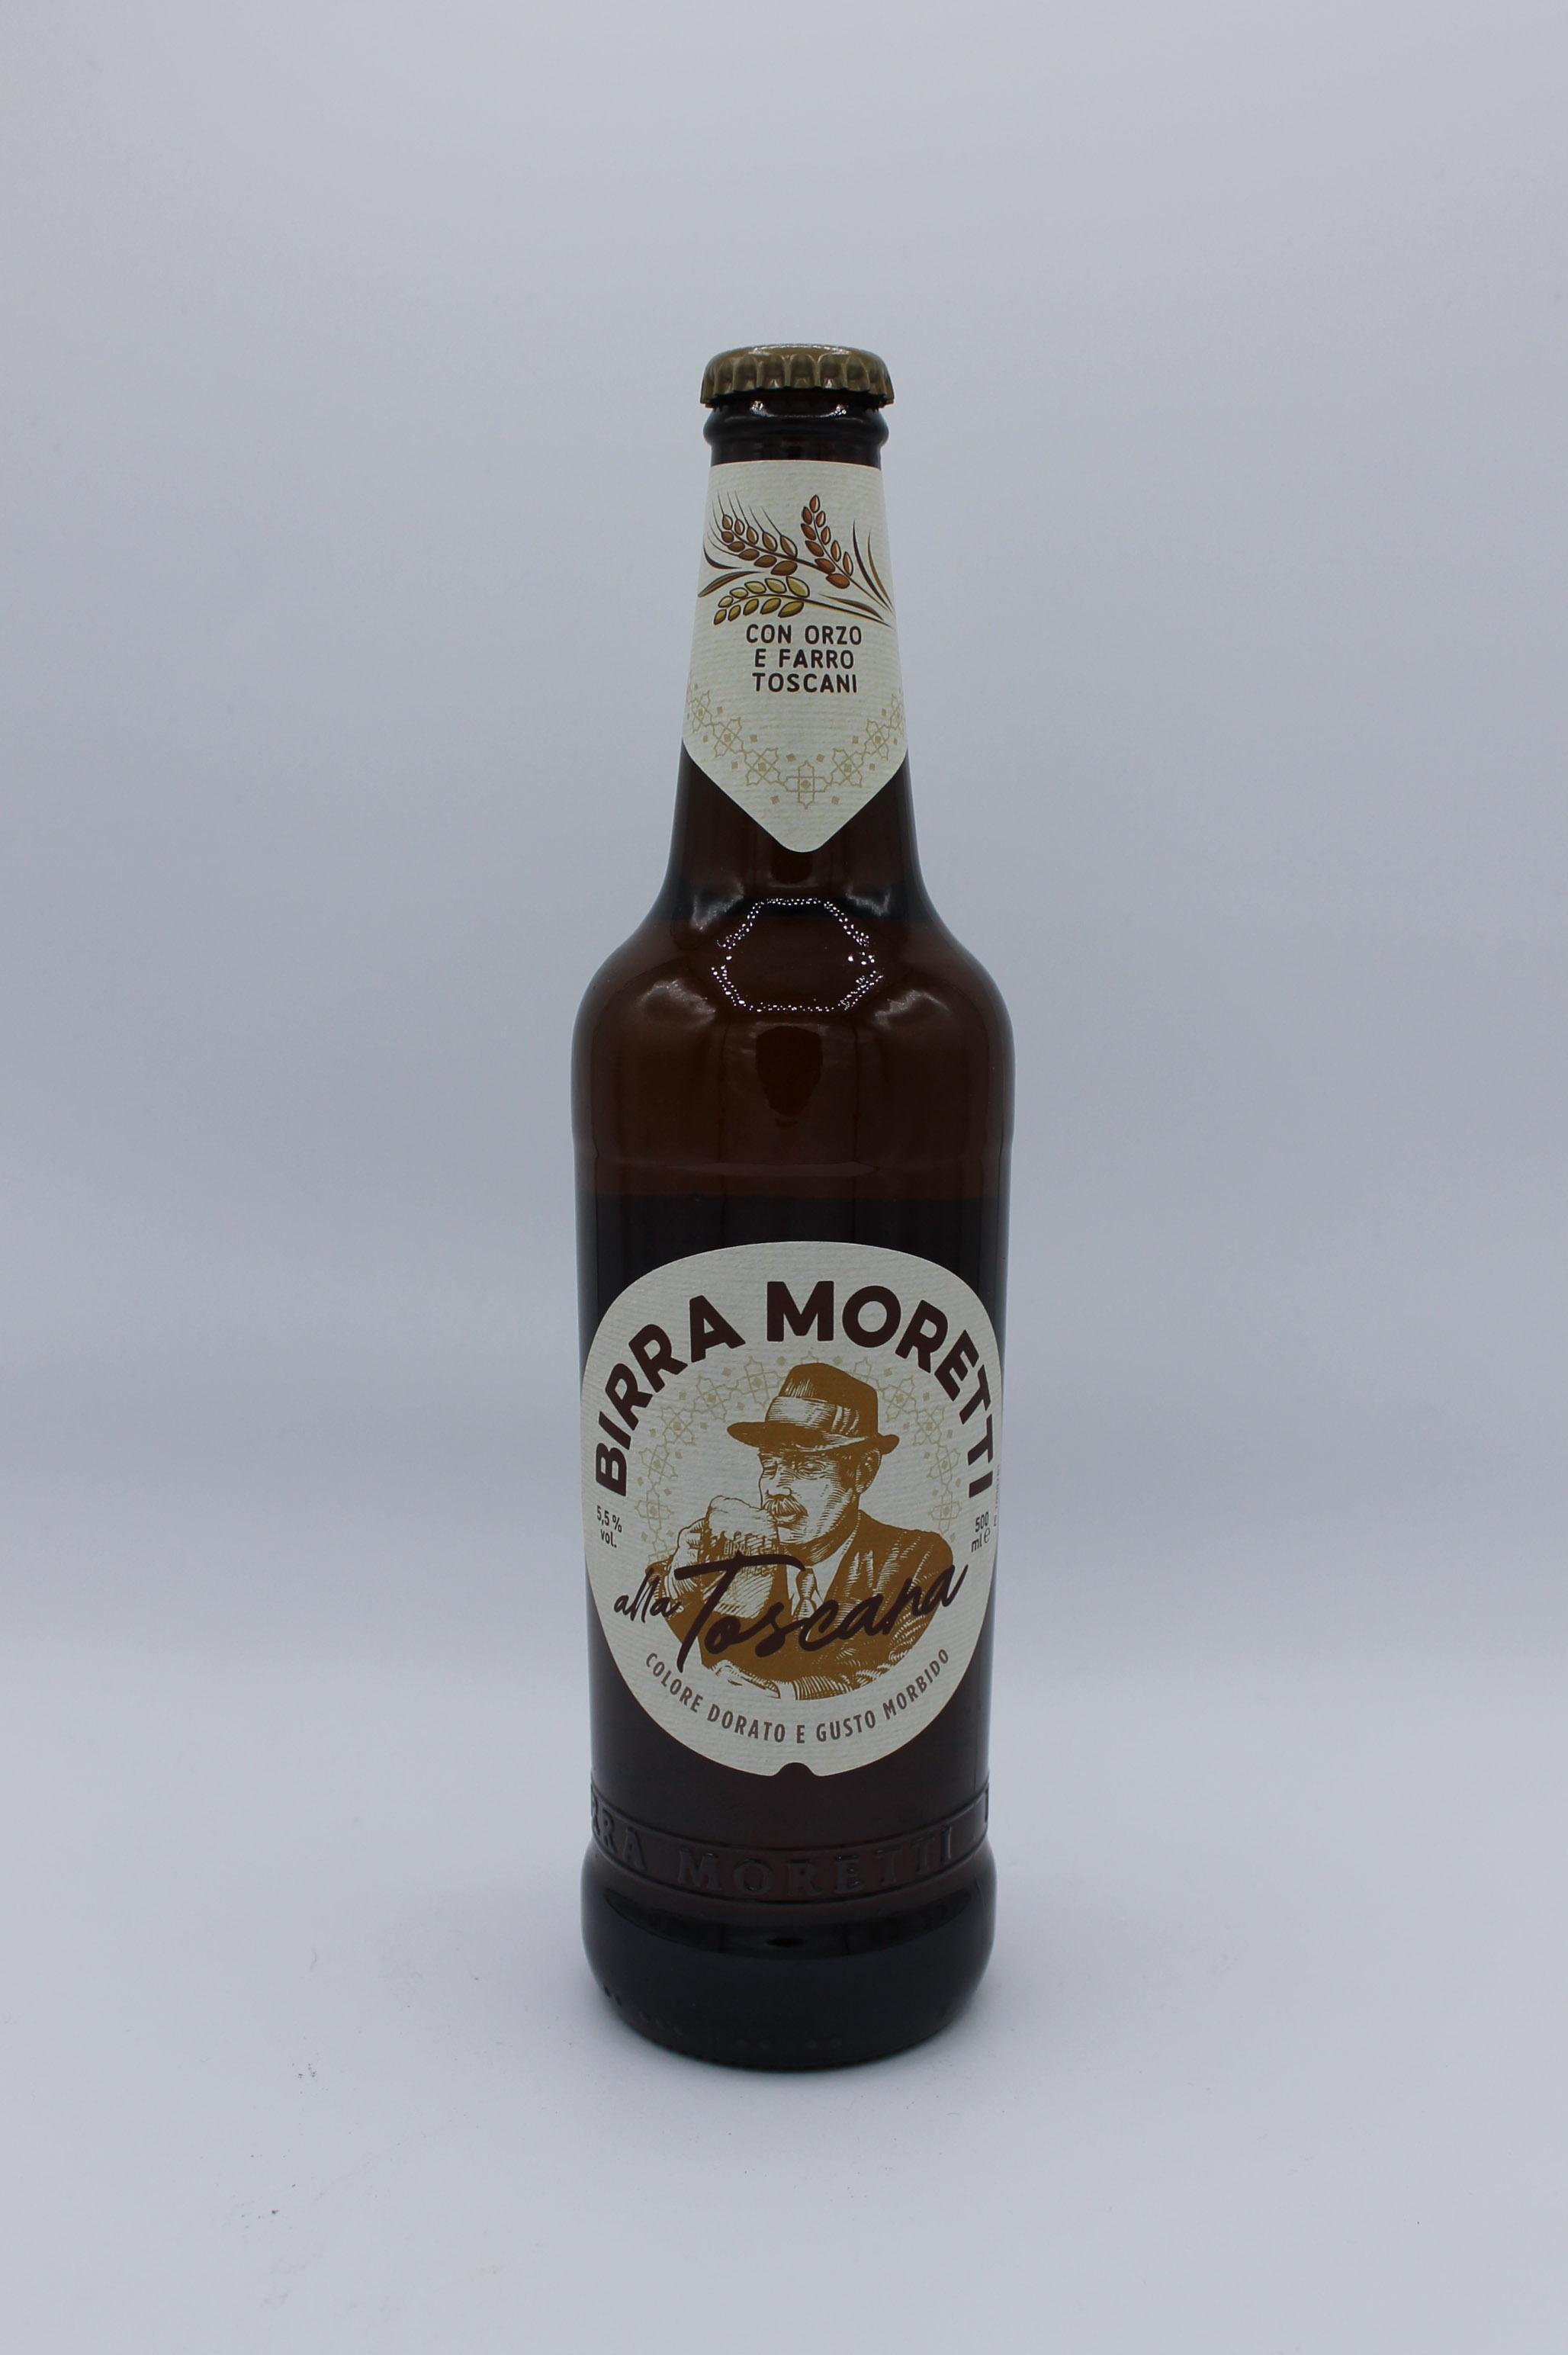 Birra moretti toscana bottiglia 500ml.